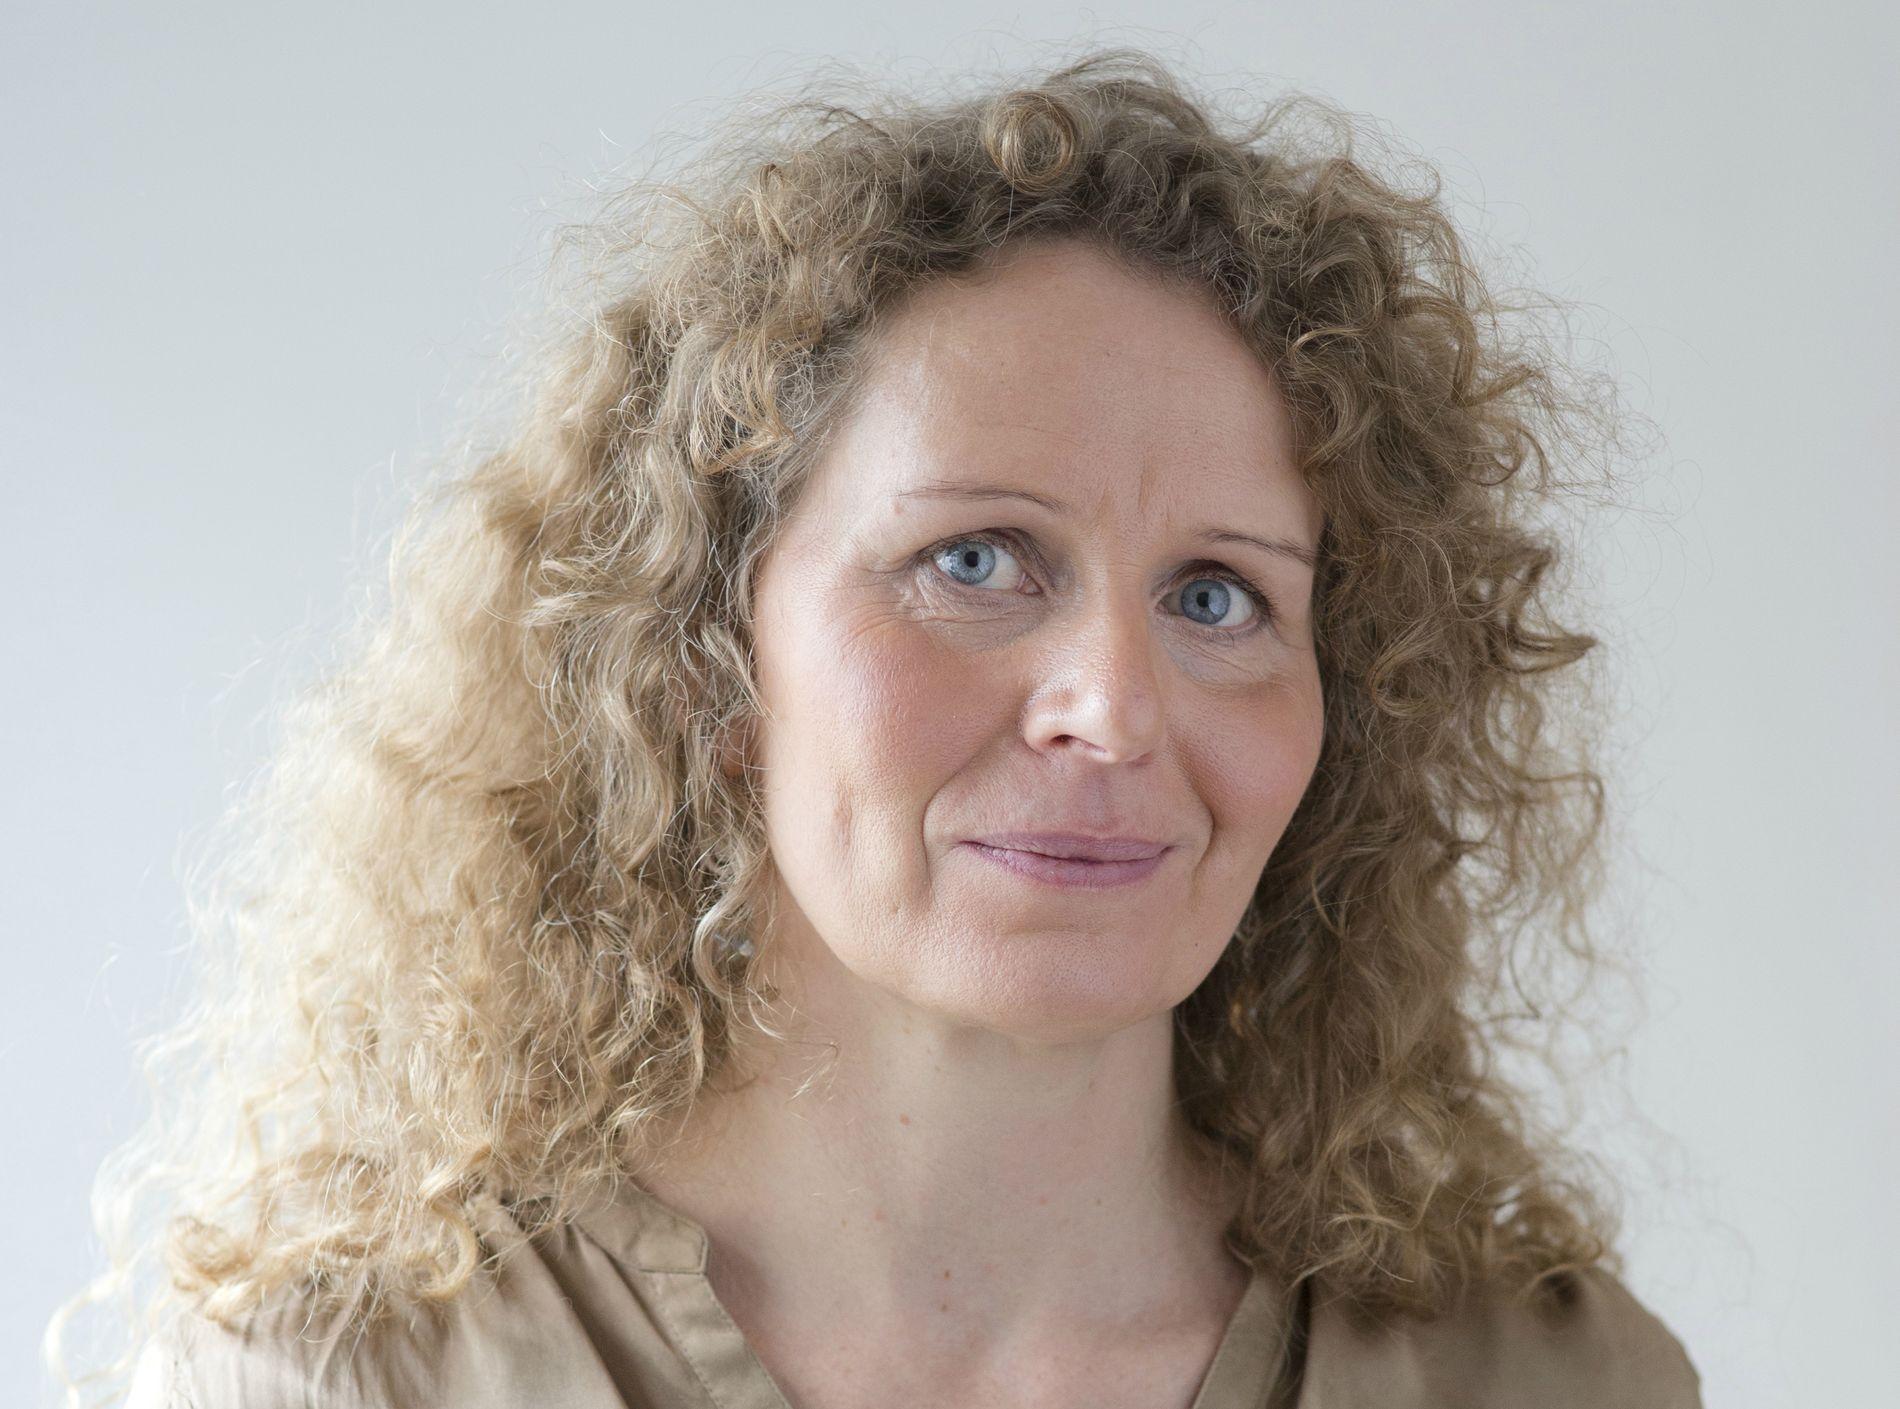 SVARER: Cecilie Widnes, generalsekretær i den ruspolitiske organisasjonen IOGT.